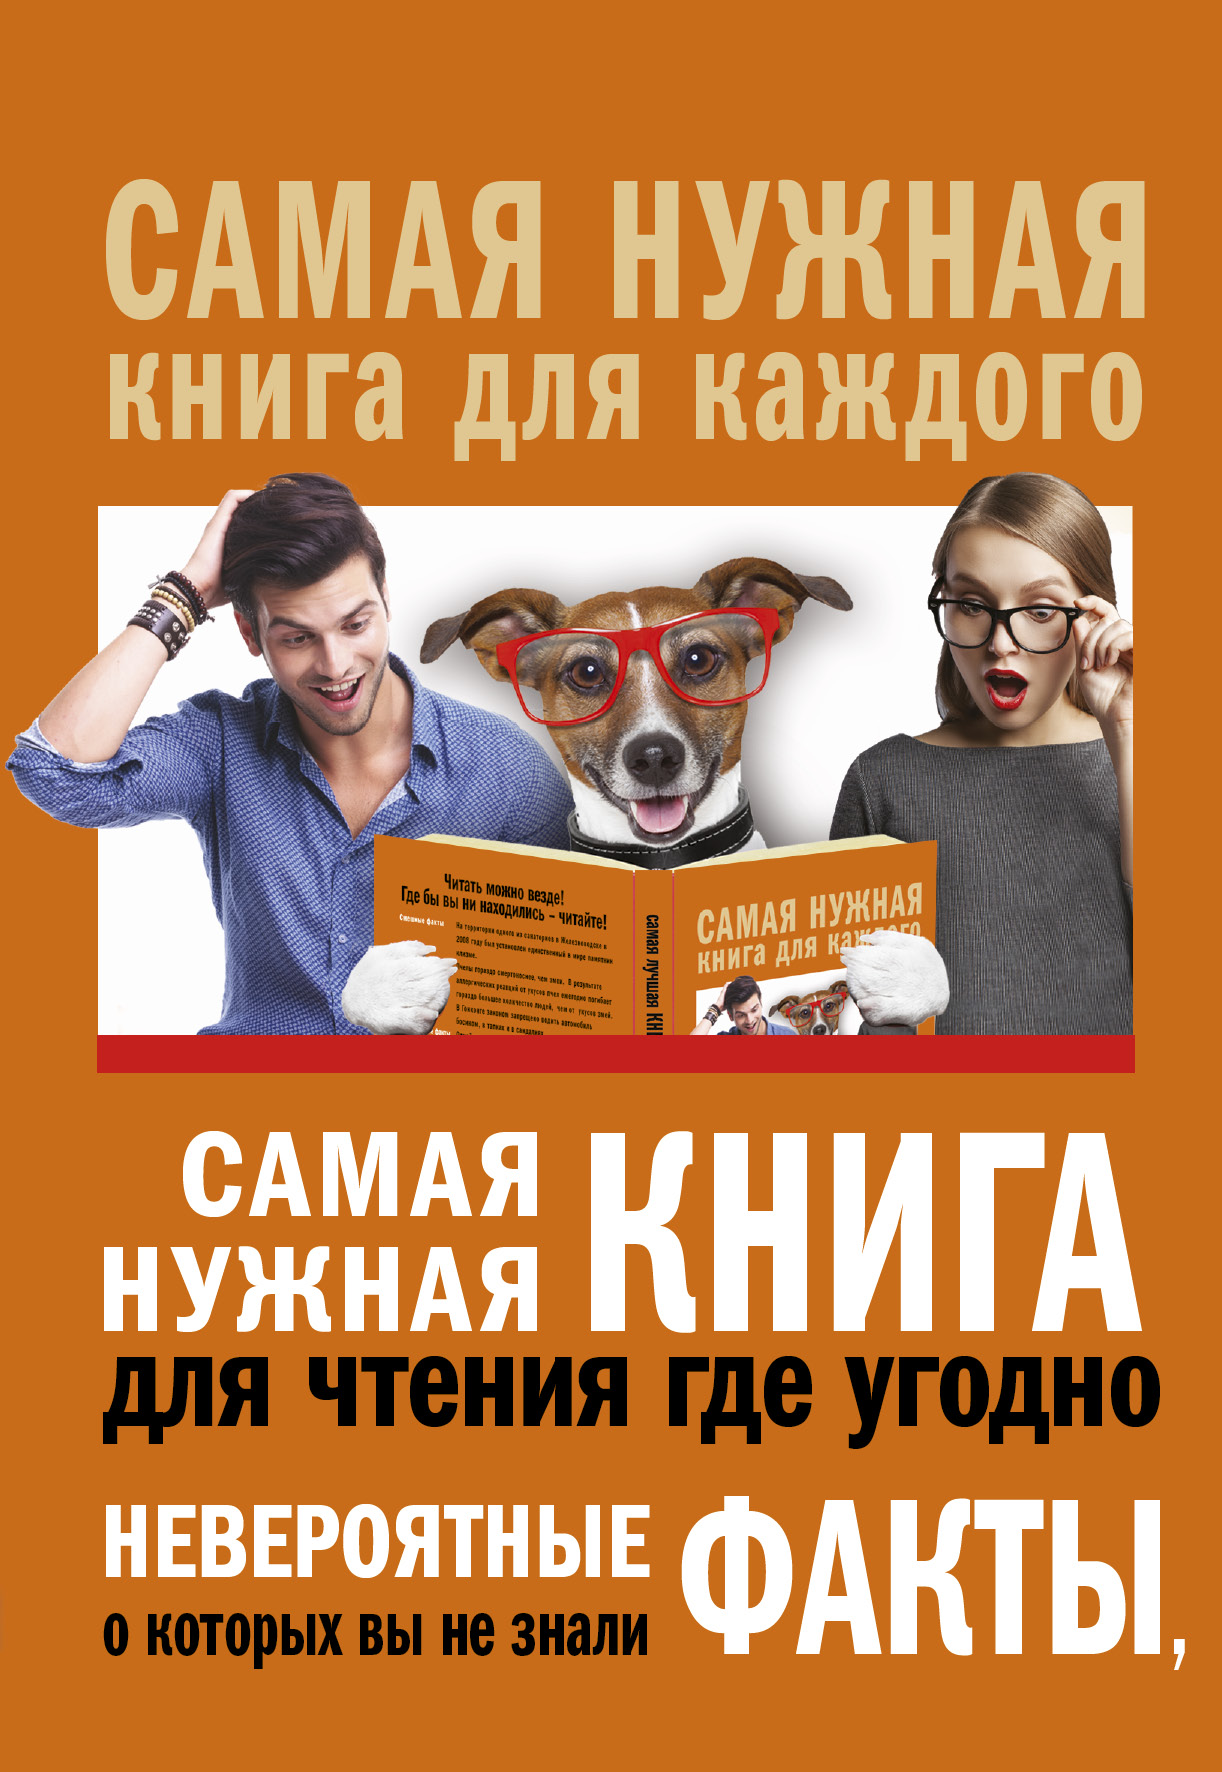 Самая нужная книга для чтения где угодно. Невероятные факты, о которых вы не знали